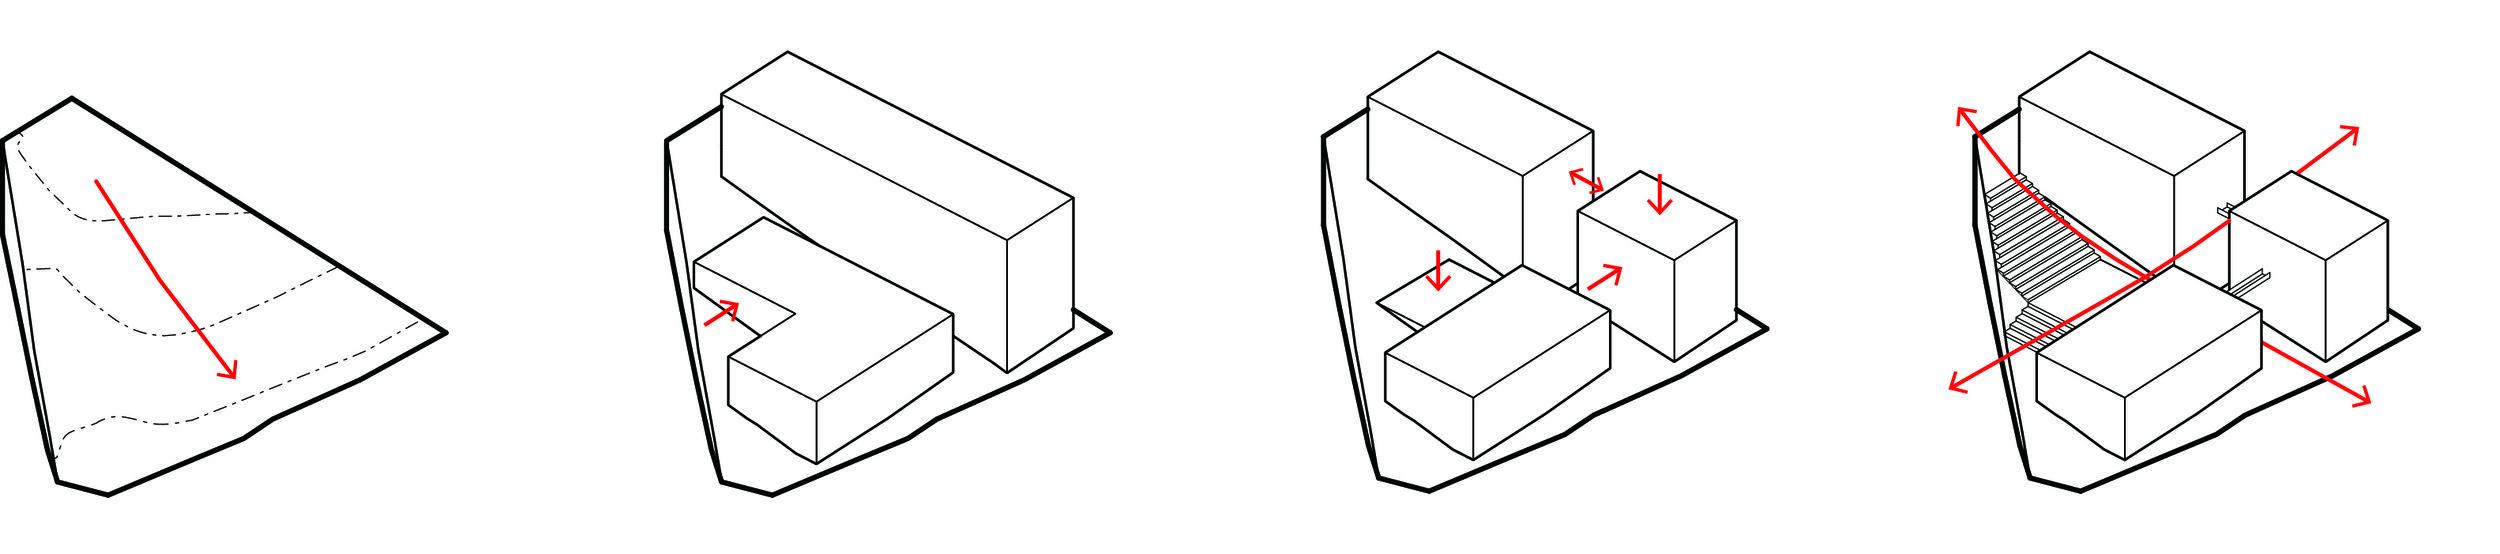 매스다이어그램.jpg